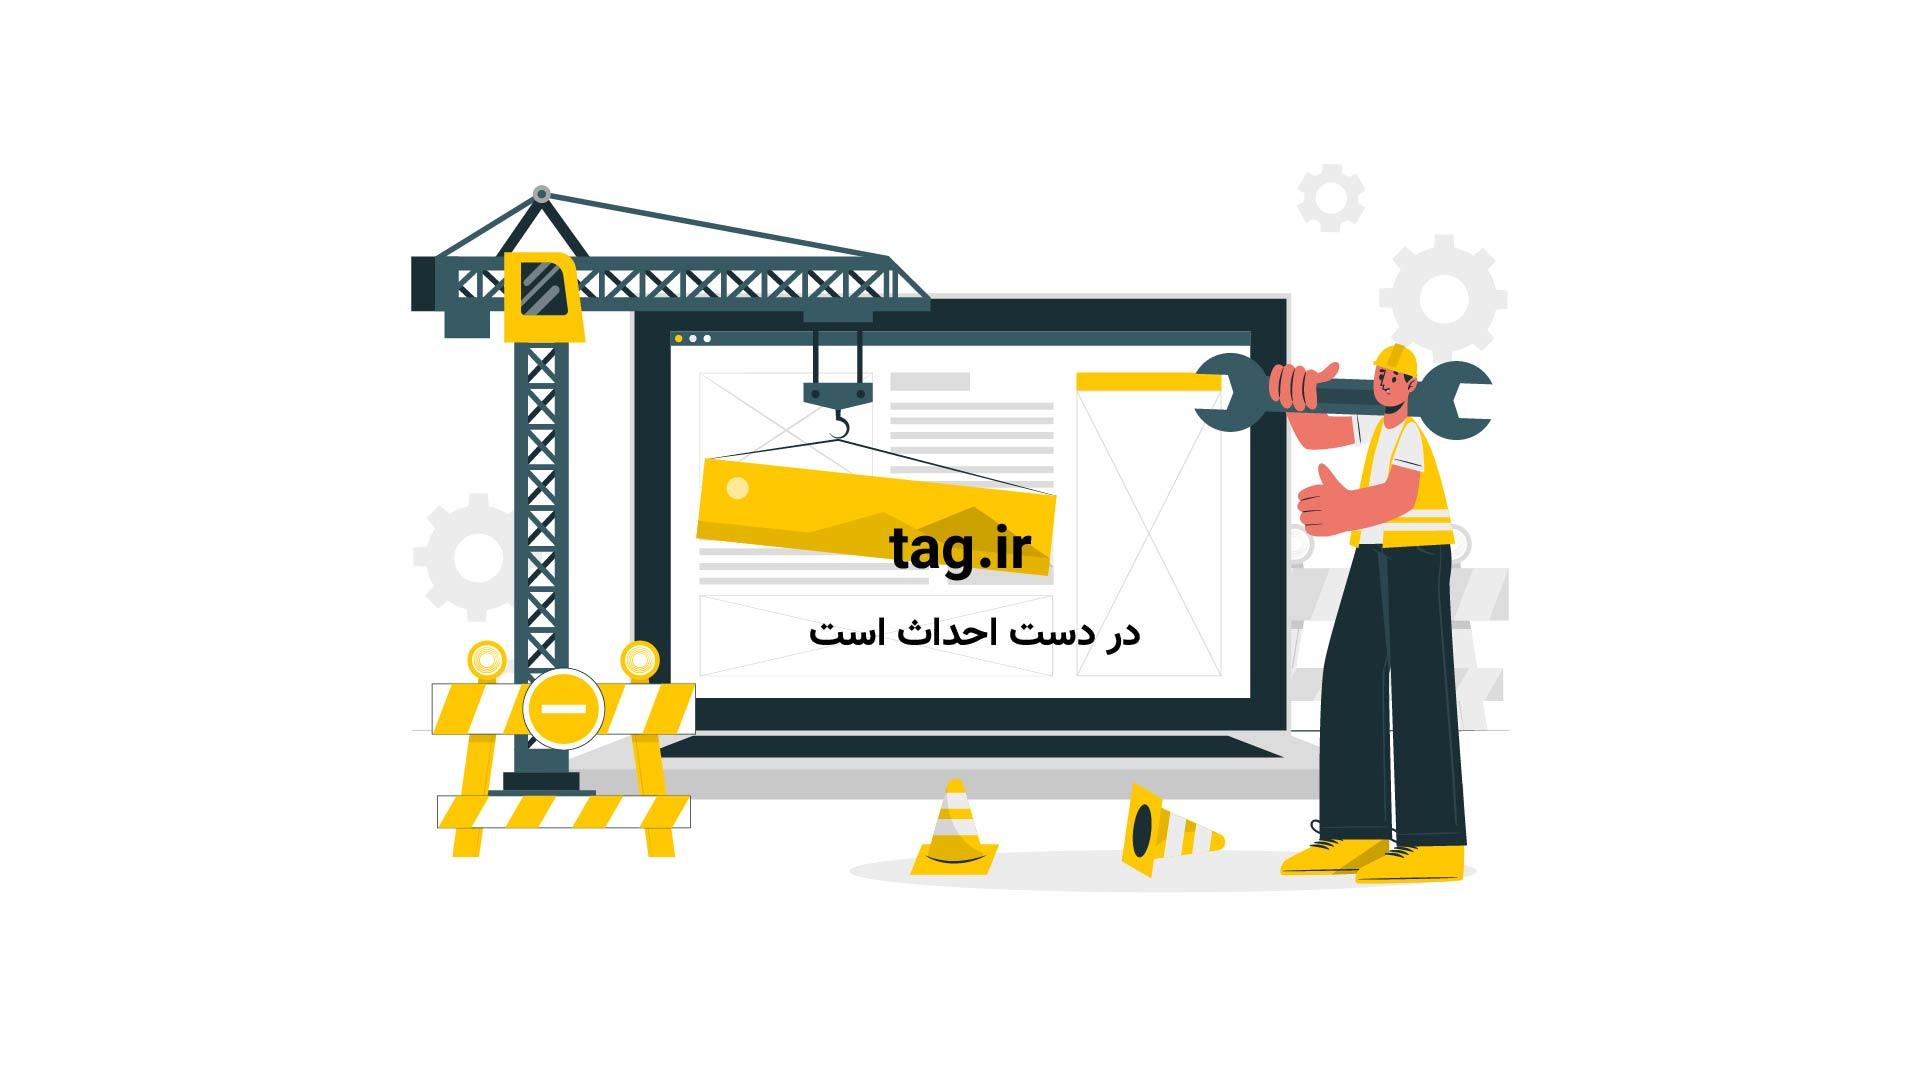 صحنهی دلخراش از نبرد خونین بین پلنگ و کروکودیلها|تگ